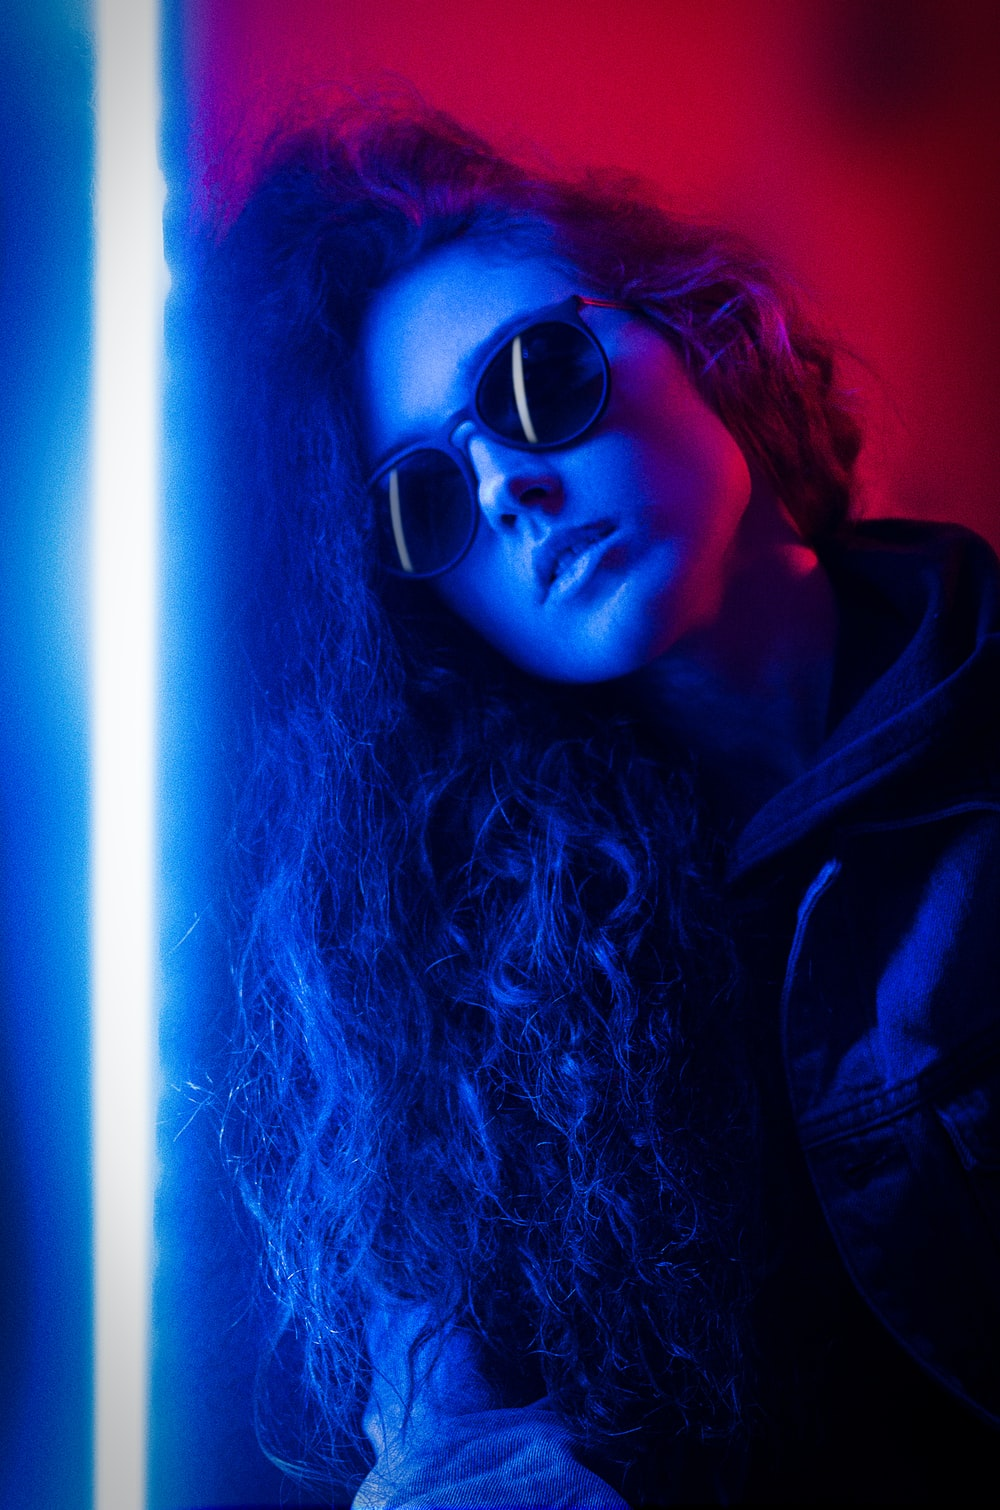 woman in black sunglasses